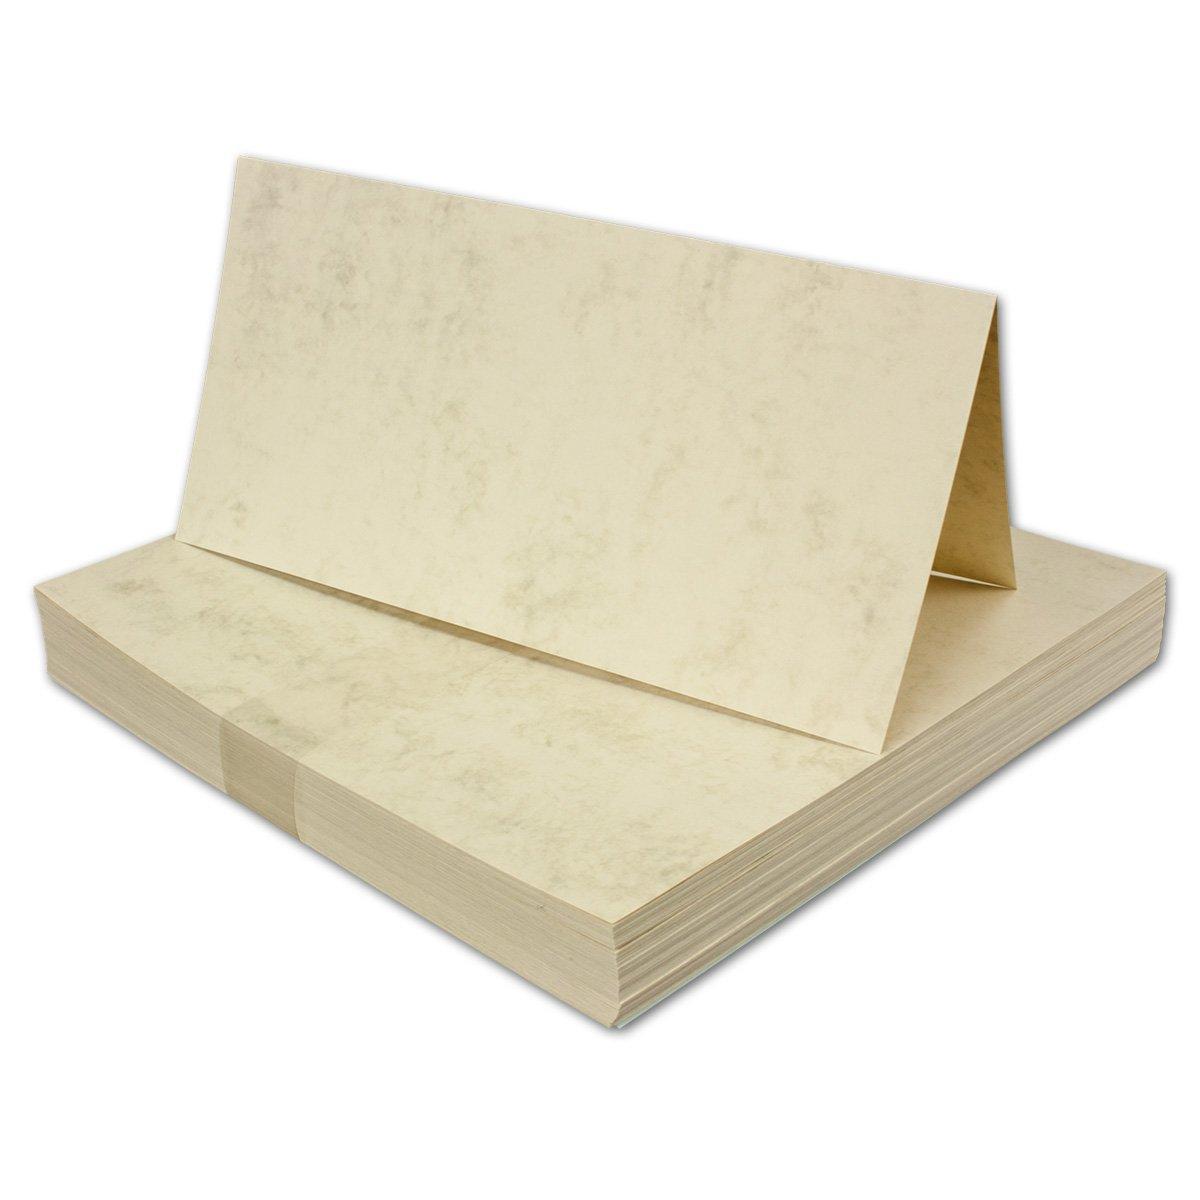 100 100 100 Stück I DIN LANG Falt-Karten, GRAU MARMORIERT - 200 g qm, 210 x 210 mm, hochdoppelt B07PYVCNL2 | Reichhaltiges Design  6e8f18